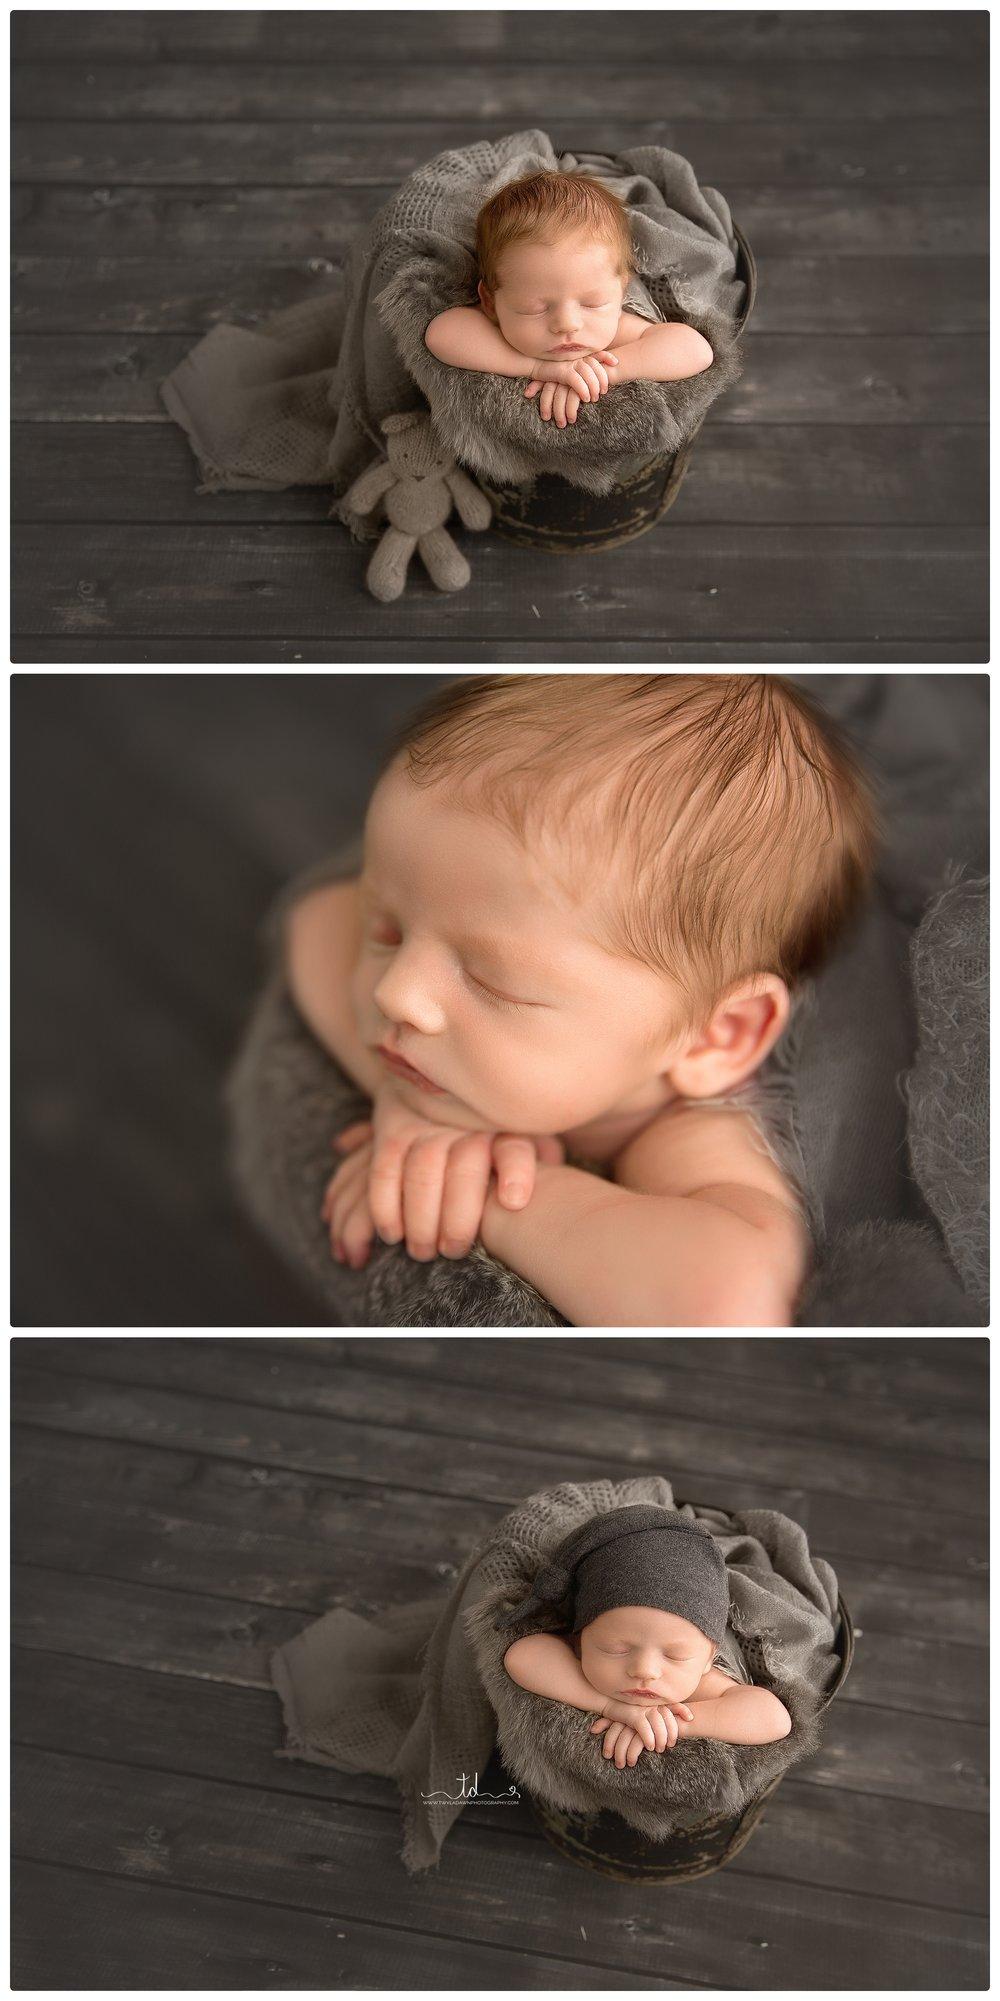 Newborn Photography Utah   Baby Photography Utah   Newborn Photographer Salt Lake City   Utah County Newborn Photography   Utah Baby Photographer   Park City Newborn Photographer